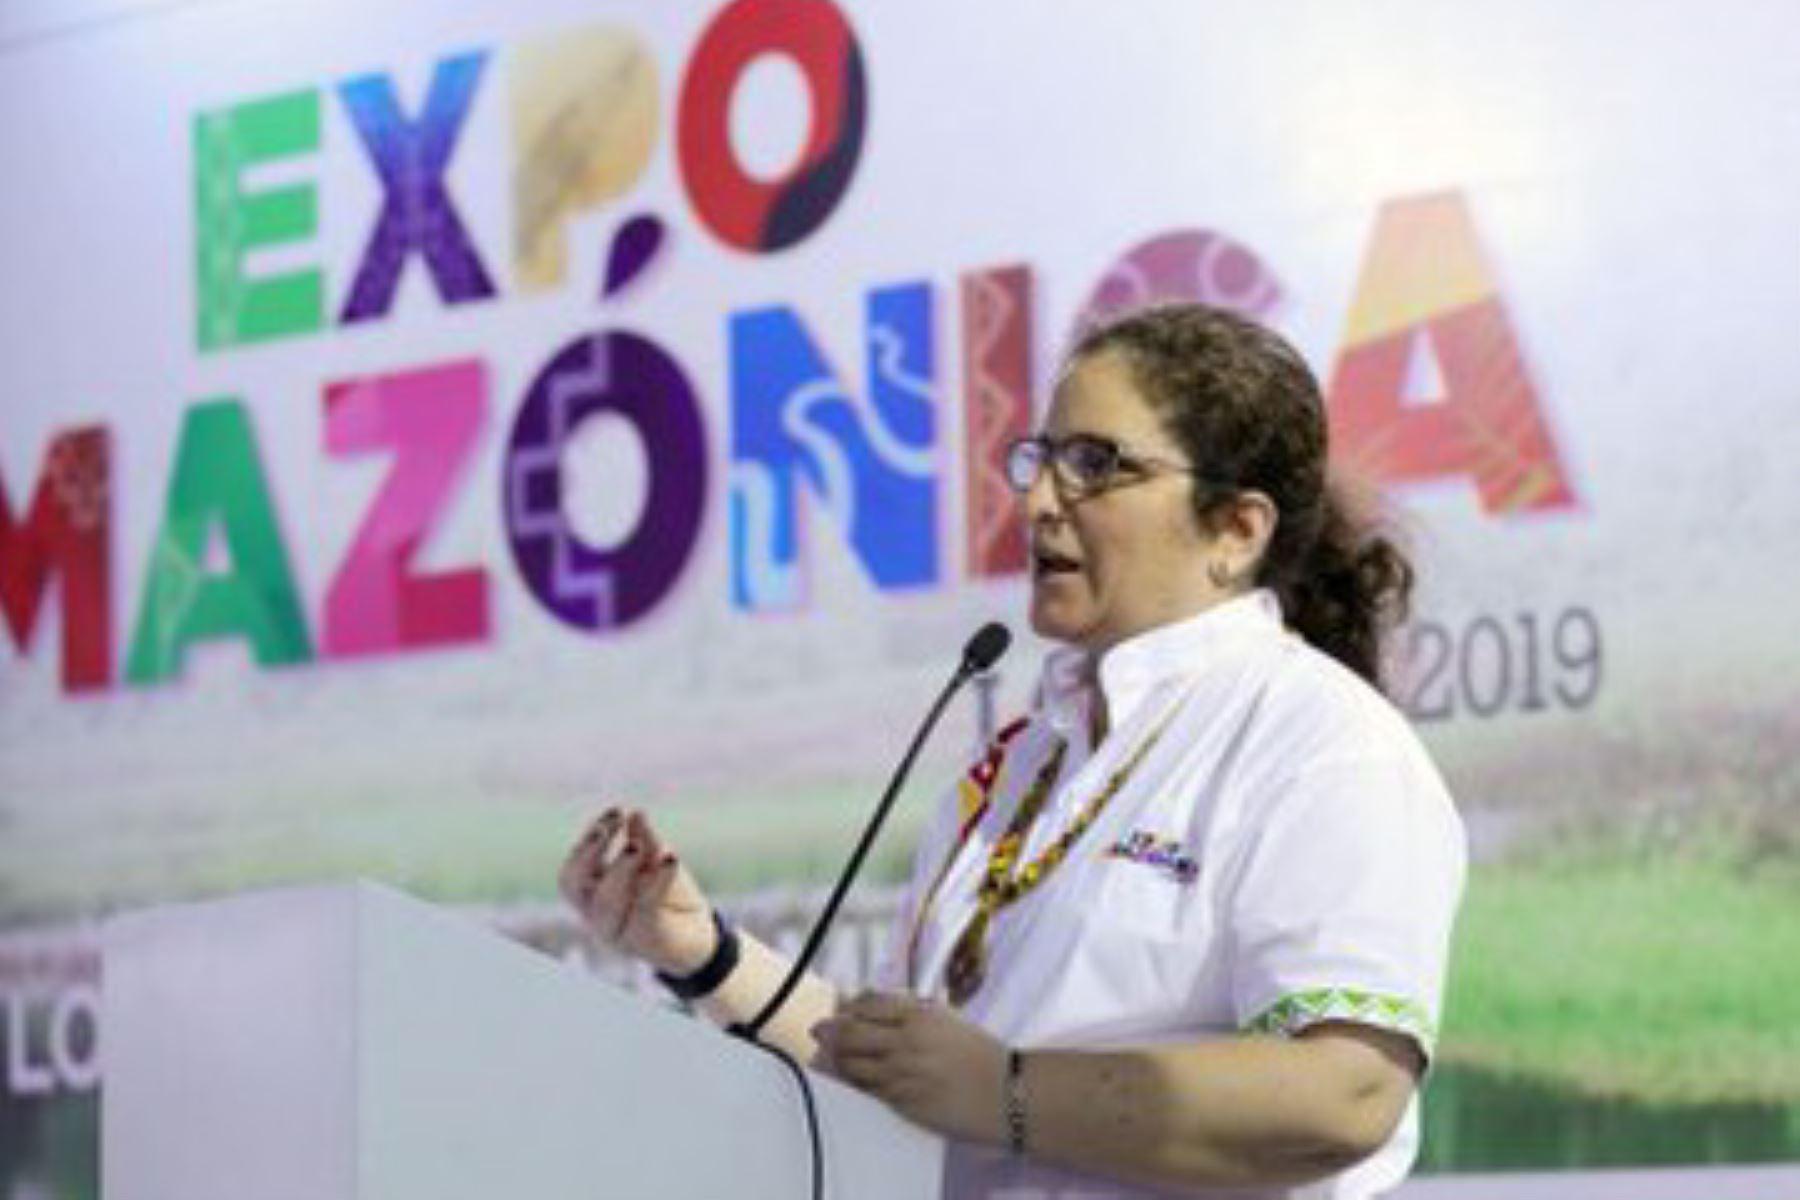 La Amazonia peruana tiene todo para ser el emblema del país, sostuvo la ministra del Ambiente, Lucía Ruíz durante su participación en Expoamazónica 2019 que se realiza en Iquitos, capital de la región Loreto.